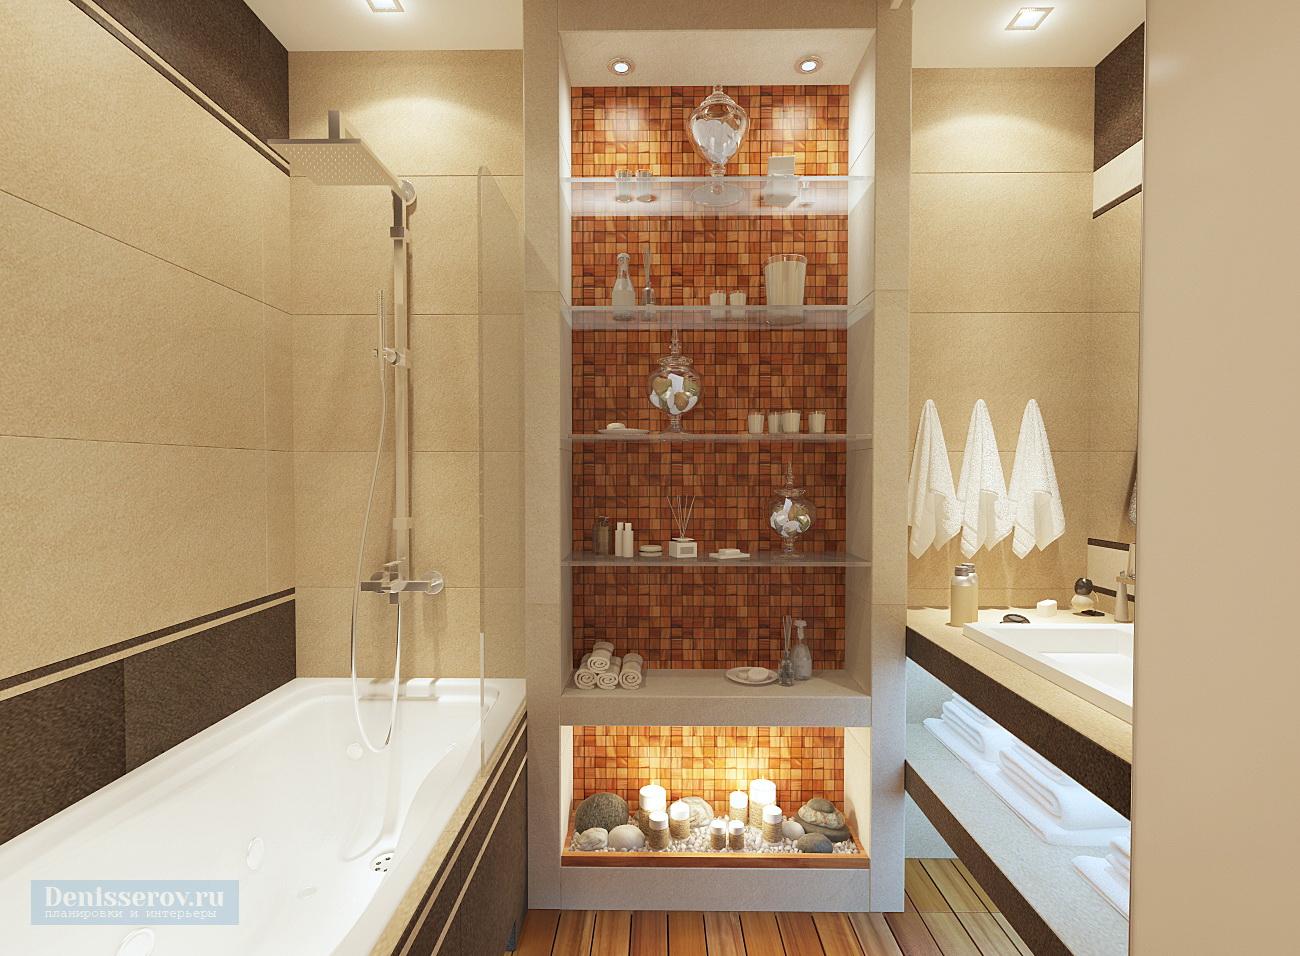 дизайн ванной 6 кв.м. с плиткой под дерево